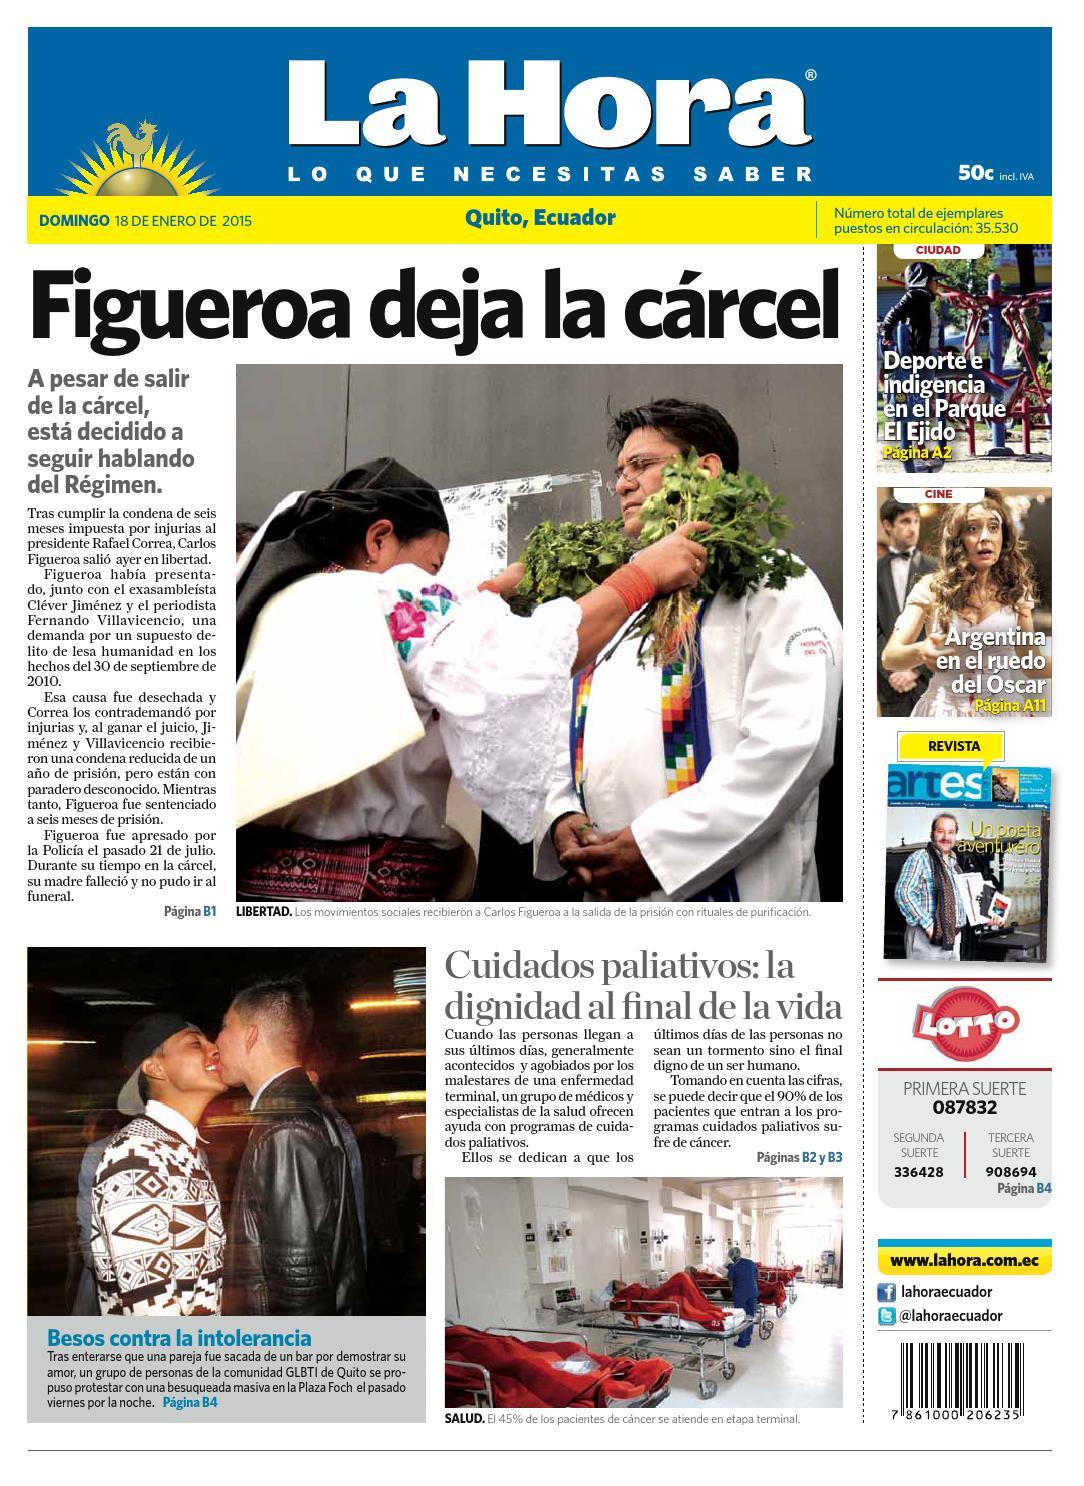 Divorciada Procura Sexo Quito Palma-7753